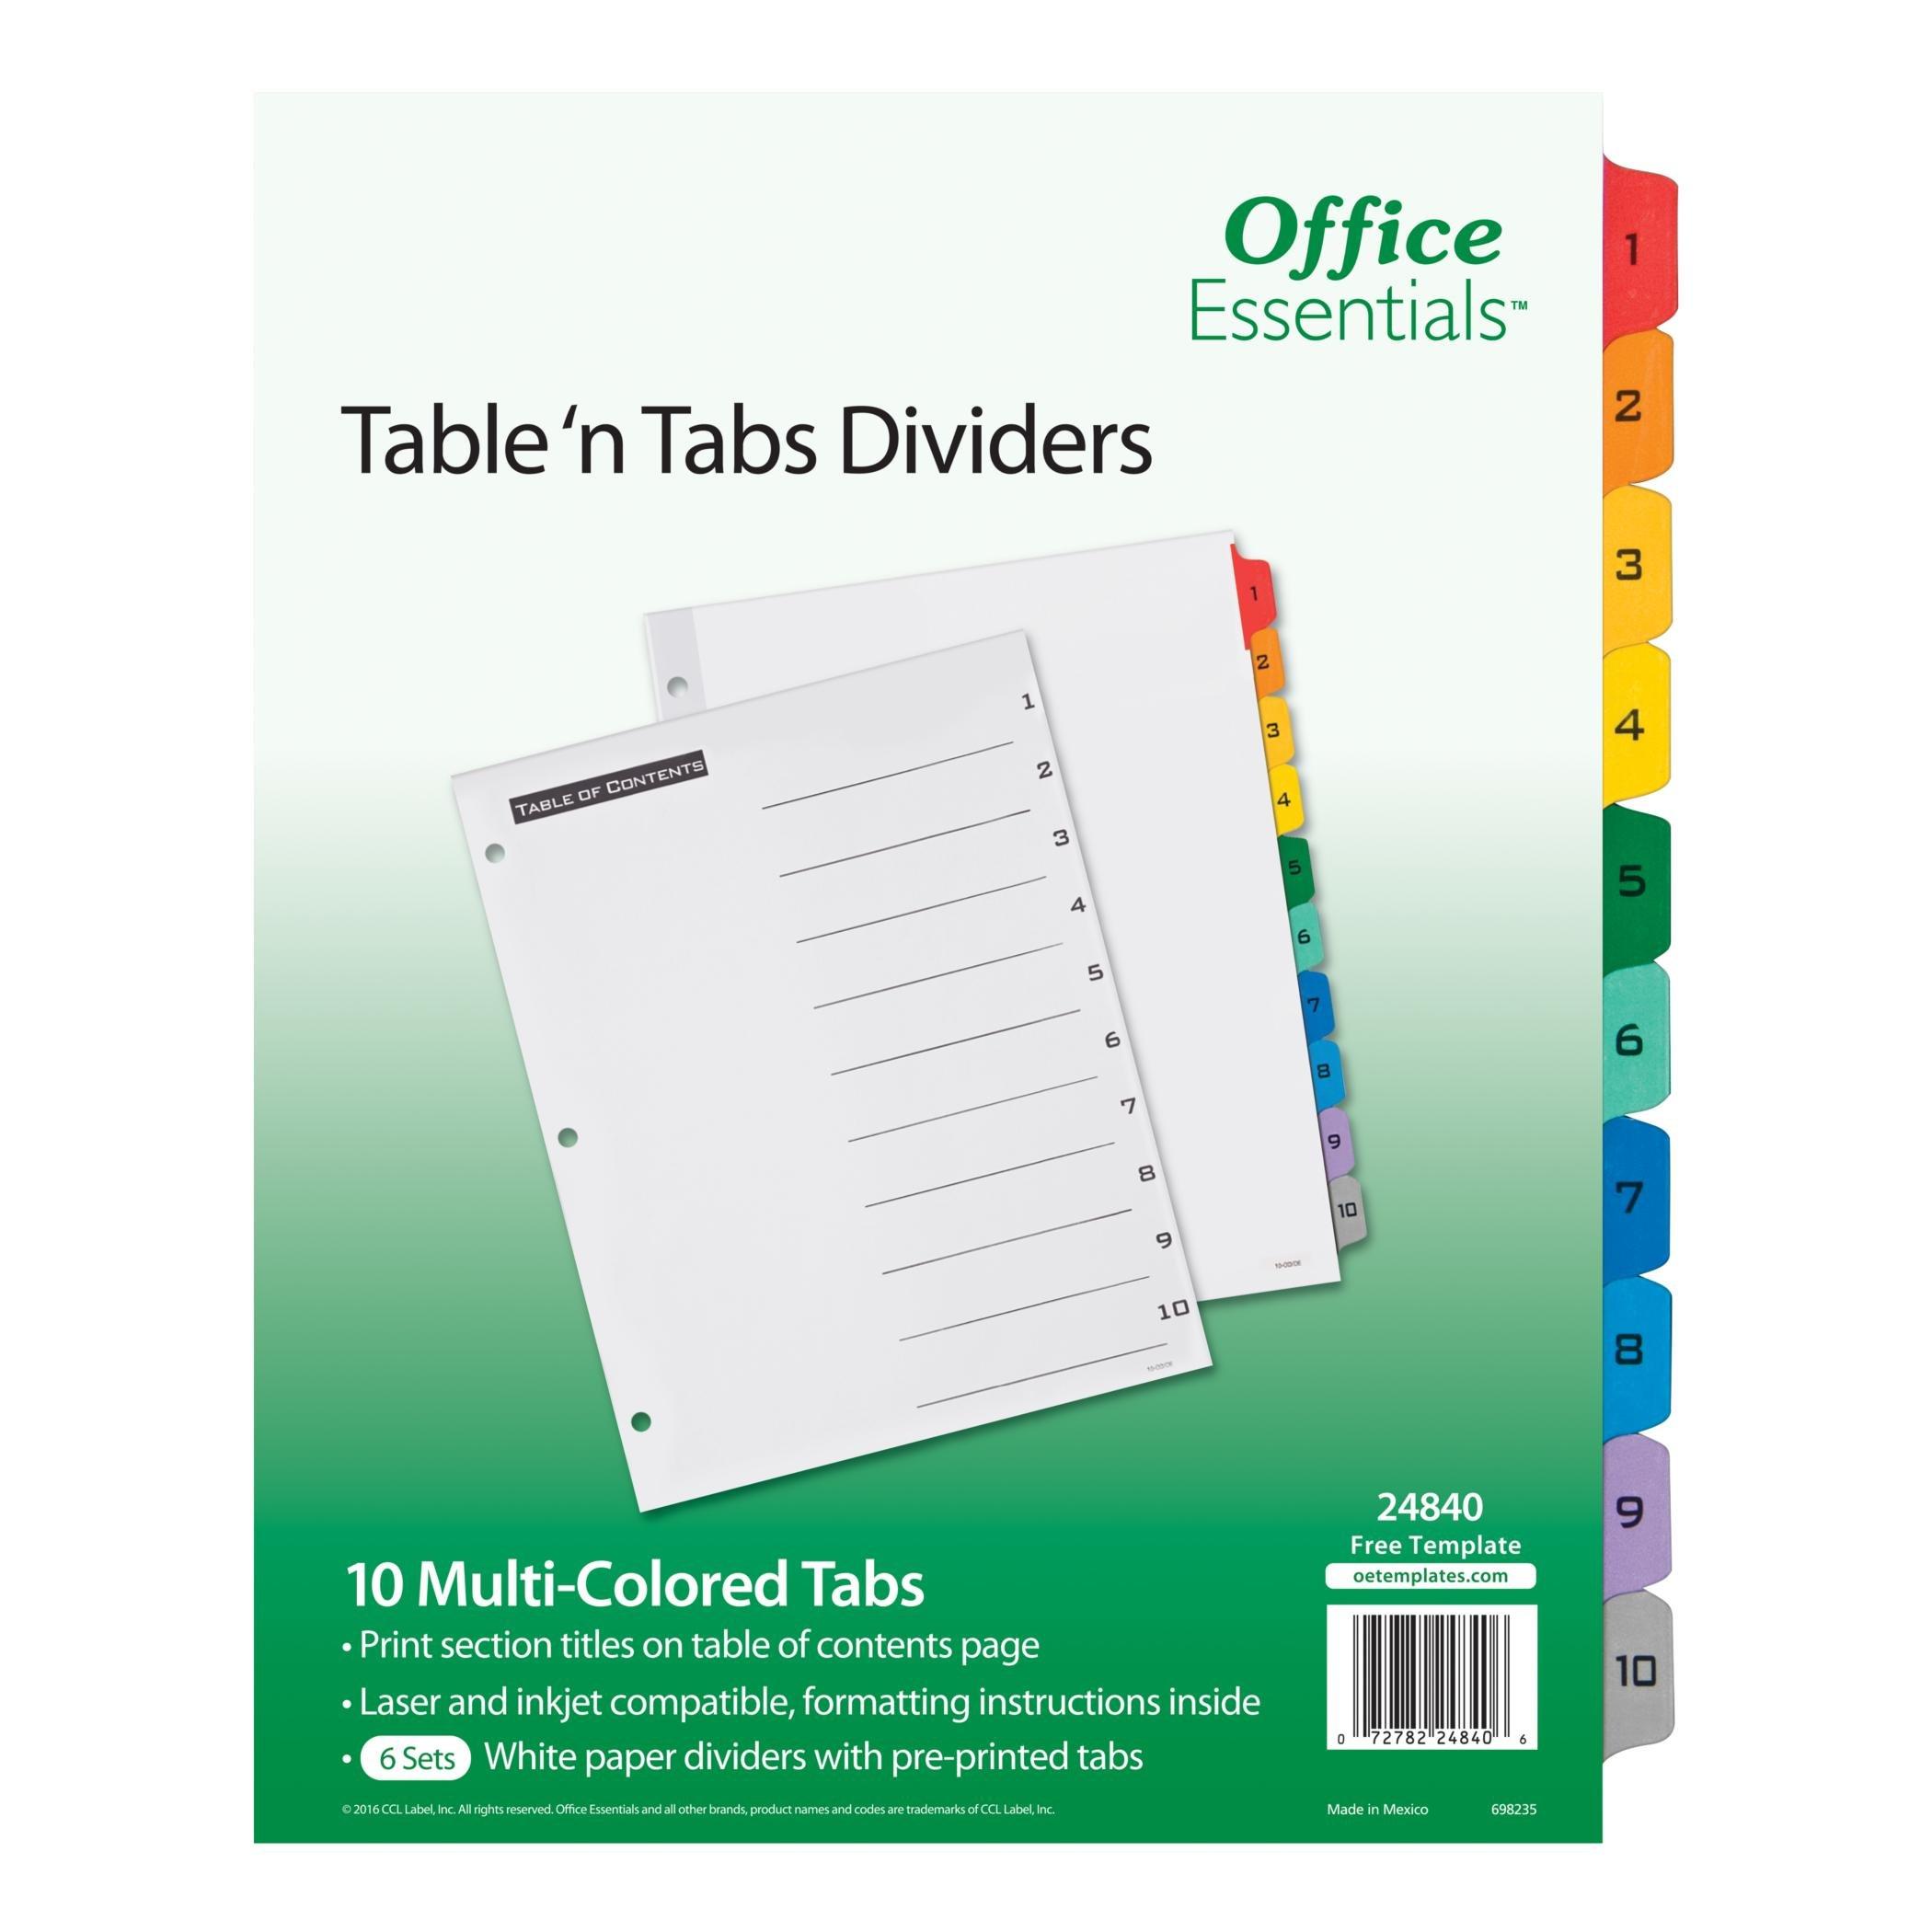 Office Essentials Table 'n Tabs Dividers, 8-1/2'' x 11'', 1-10 Tab, Multicolor Tab, Laser/Inkjet, 6 Pack (24840)